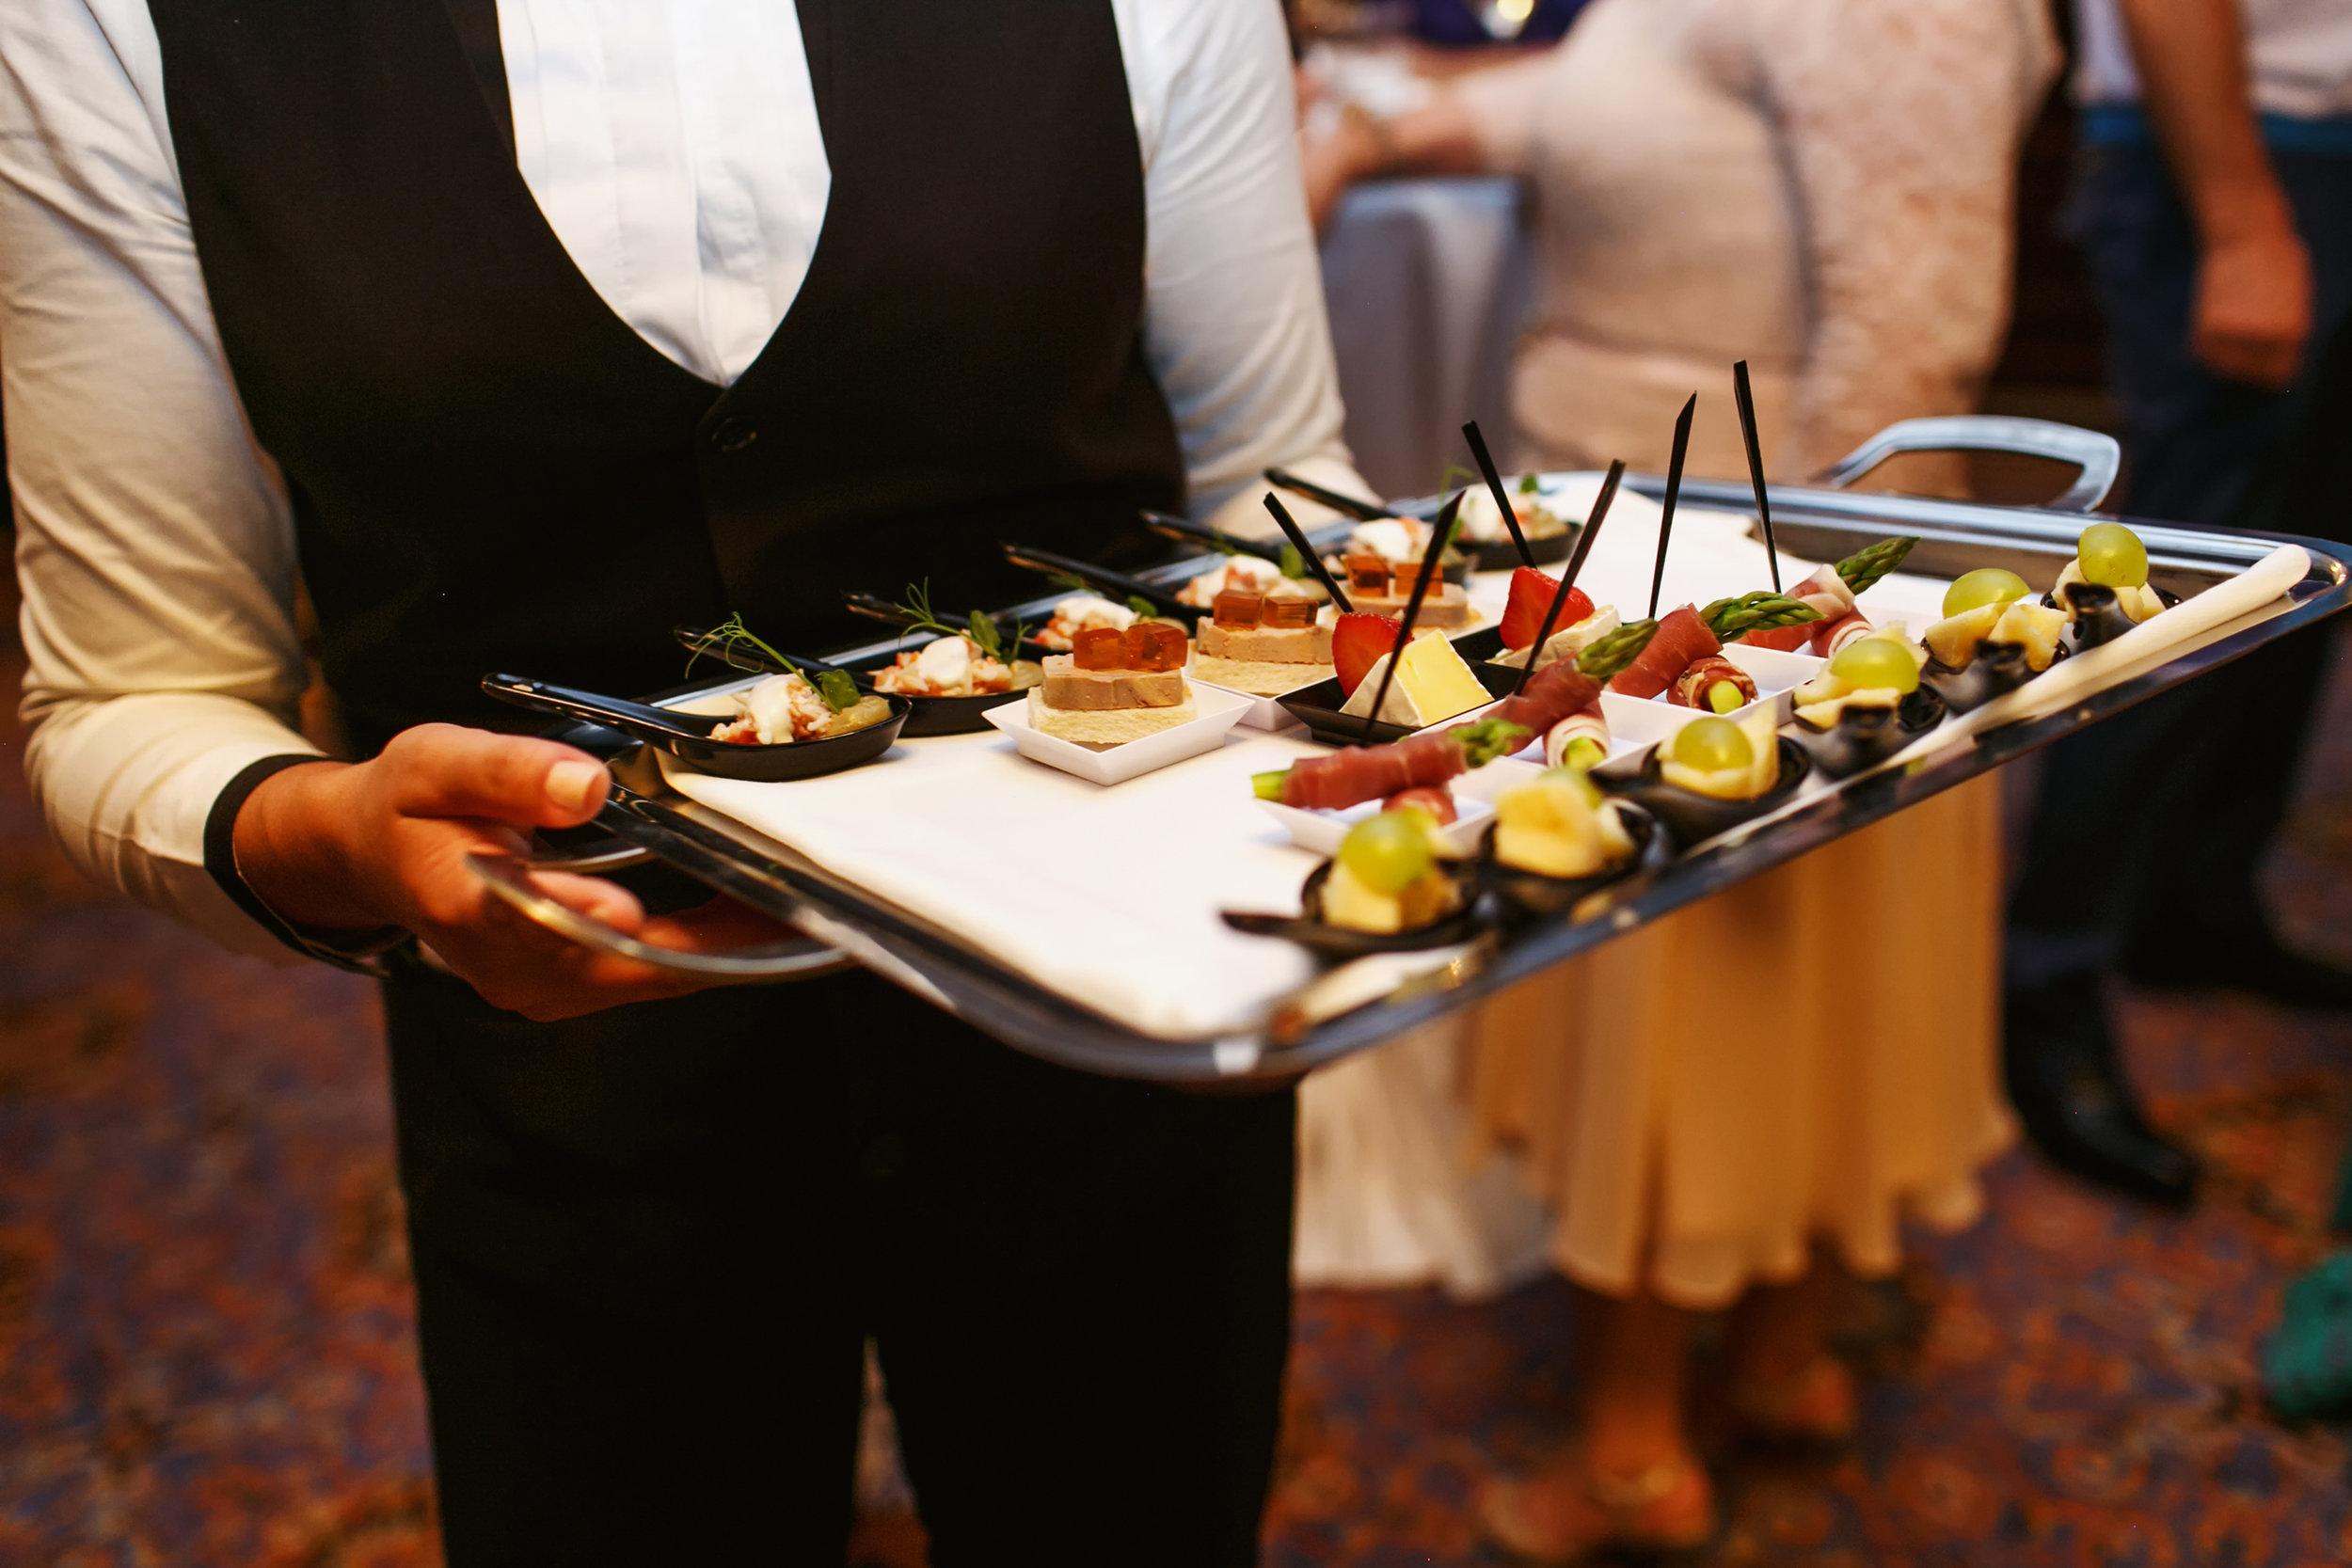 Waiter Image 1.jpg